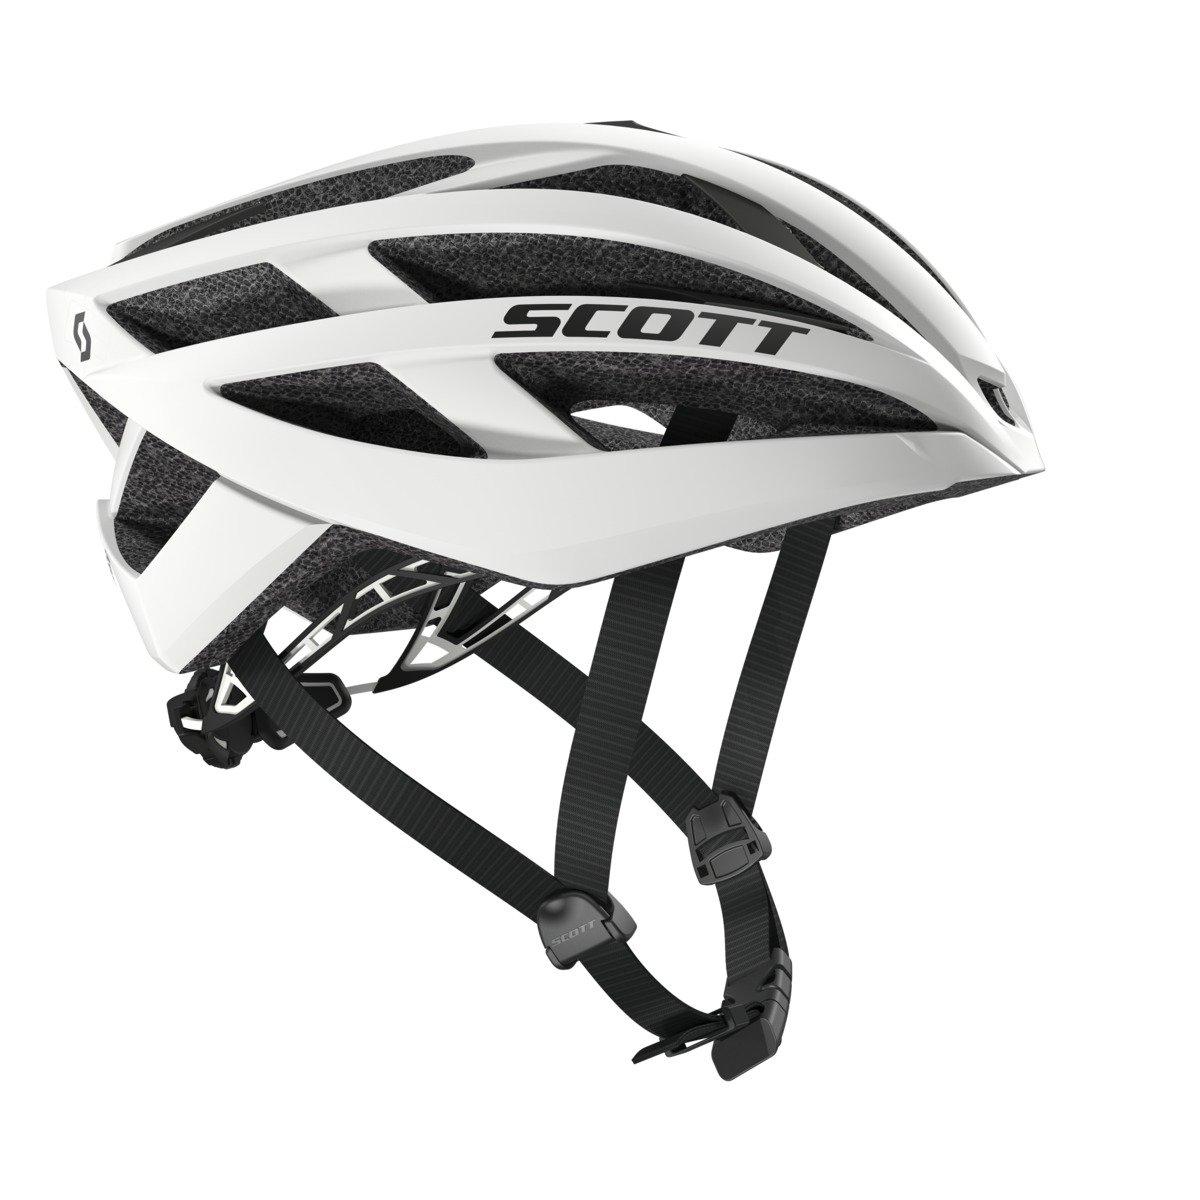 SCOTT(スコット) ヘルメット 自転車用ヘルメット Wit-R (CE) ホワイトマット M/55-59cm  B011CGM83C